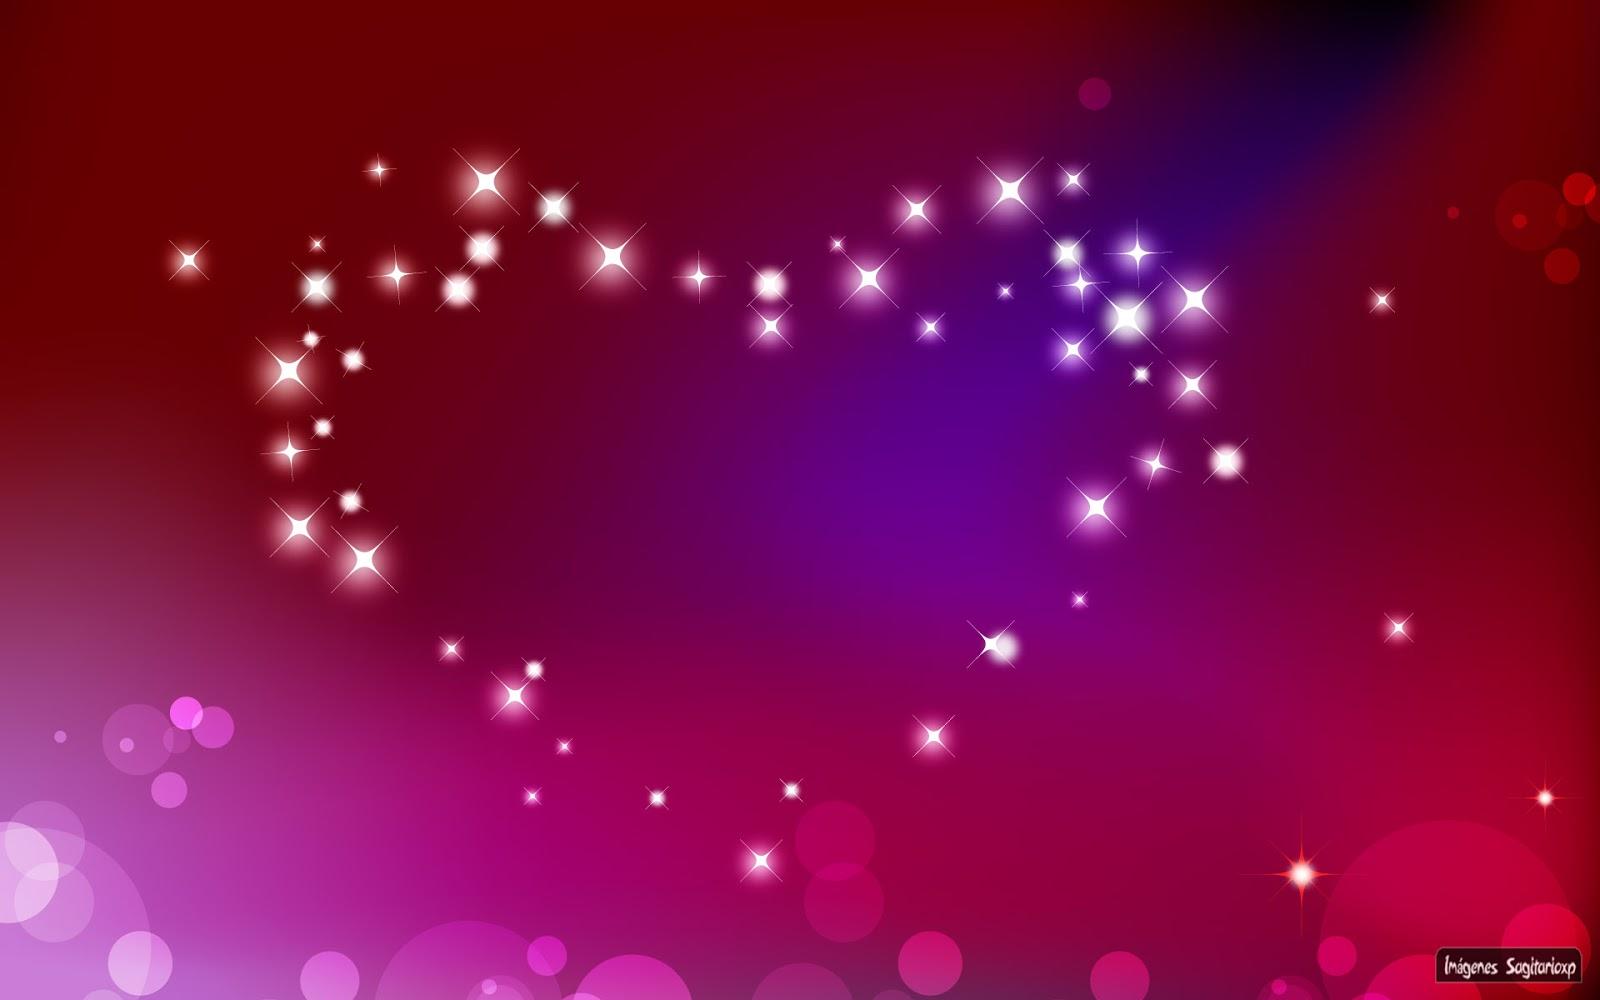 Imagenes De Rosas Azules Para Descargar - imagenes de rosa para descargar Imagenes bonitas de